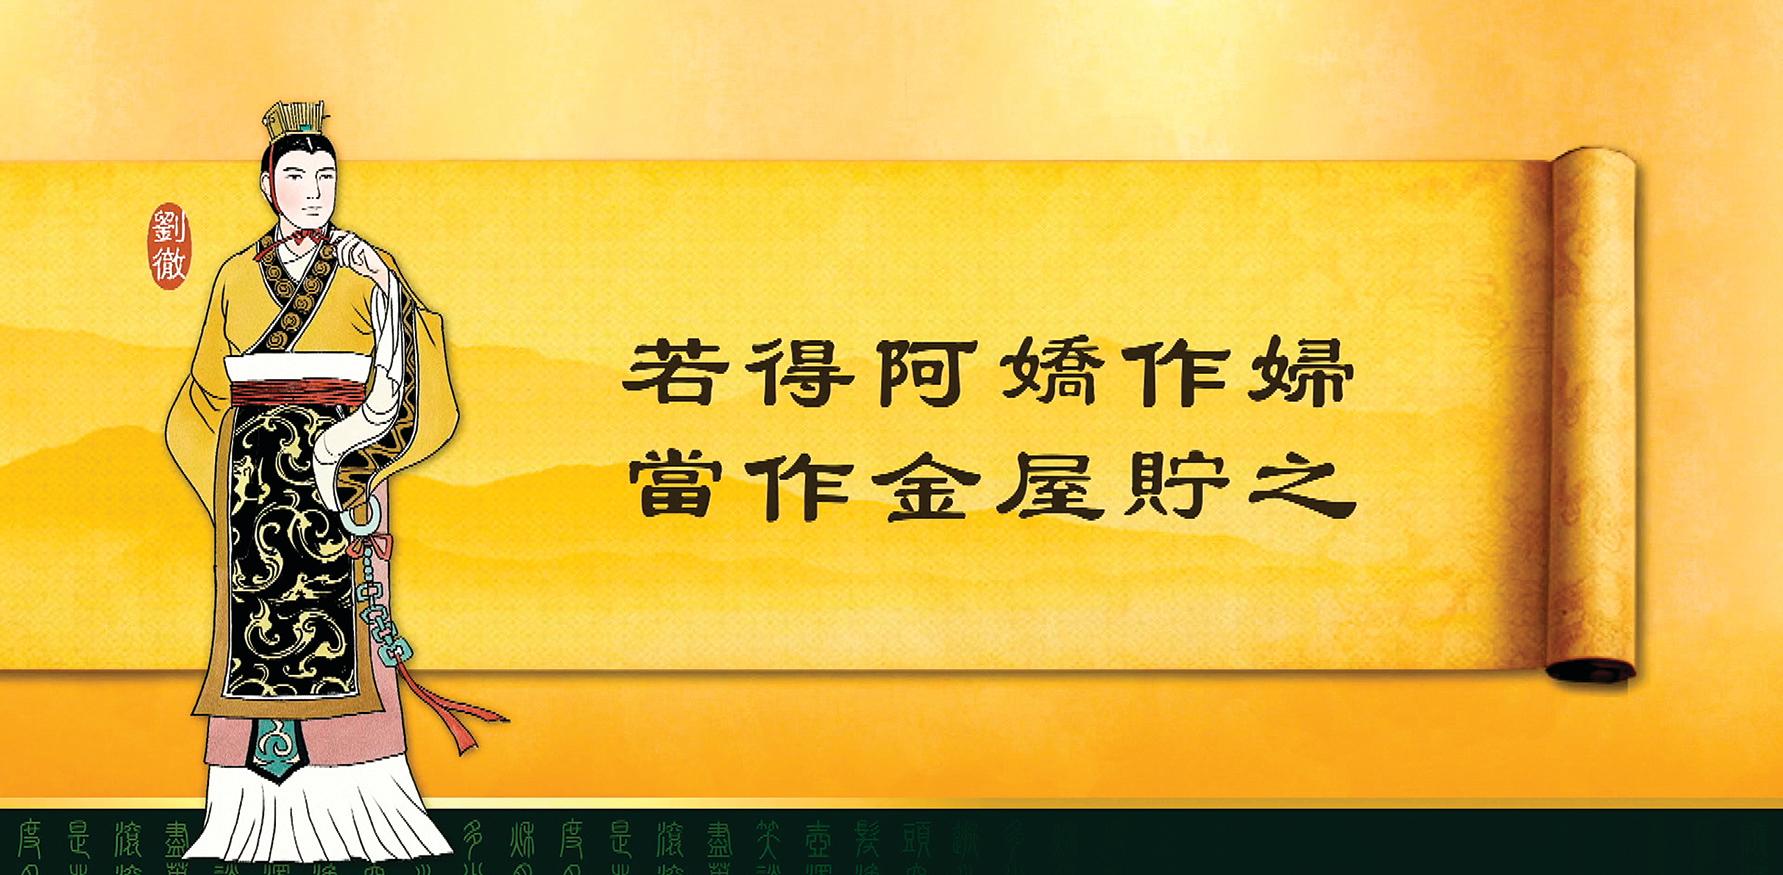 劉嫖最初想把女兒嫁給太子劉榮,被栗姬拒絕後,就開始計劃促景帝改立劉徹為太子。